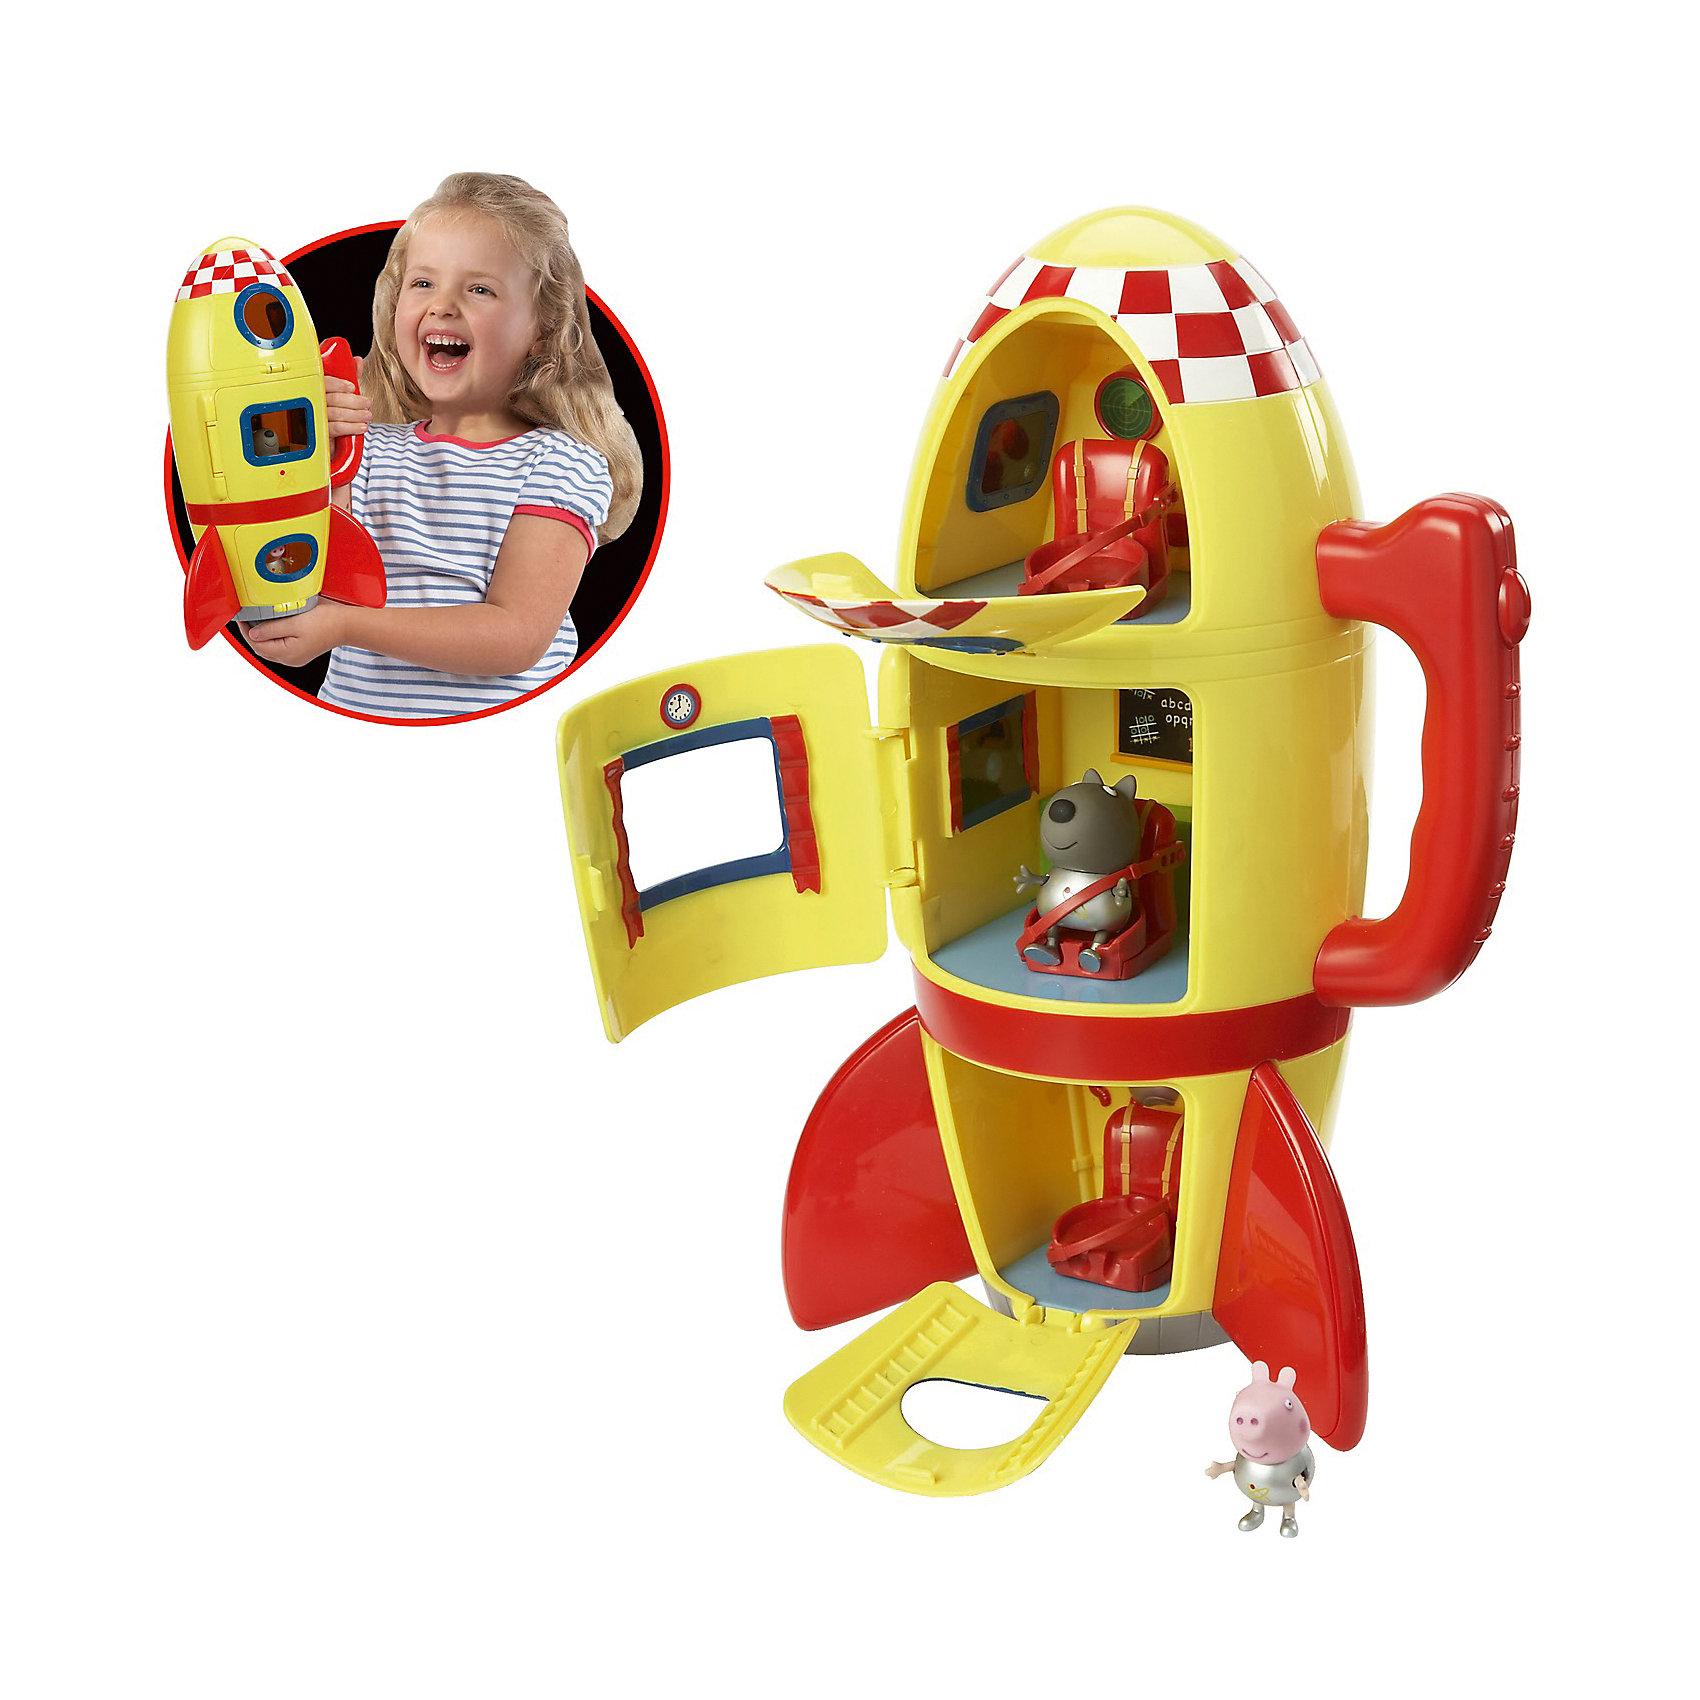 Игровой набор Космический корабль Пеппы, Свинка ПеппаИдеи подарков<br>Игровой набор Космический корабль Пеппы, Свинка Пеппа (Peppa Pig) сделает игру с героями любимого мультфильма еще более увлекательной. <br>Джордж и его друг щенок Дэни, надев скафандры металлического цвета, отправляются в межгалактическое путешествие на трехъярусном космическом корабле. В каждом из трех отсеков ракеты находятся сидения, оборудованные ремнями безопасности, которые не дадут космонавтам выпасть во время полета. Все отделения летательного аппарата имеют собственный вход с закрывающейся дверью и иллюминатором. В космической ракете установлены бортовые приборы и доска с мелом. В таком надежном корабле отважным героям не страшны никакие трудности!&#13;<br>&#13;<br>Дополнительная информация:<br><br>В комплекте: <br>- космический корабль в виде ракеты со звуковыми эффектами (реалистичные звуки взлетающей ракеты), оборудованный удобной ручкой для переноски; <br>- фигурки волчонка Дэни (5 см) и Джорджа (4 см), которые могут сидеть, стоять, двигать ручками и ножками. <br><br>- Материал: безопасный пластик.<br>- Корабль работает от 3 батареек типа АА (в набор не входят).<br>- Размер упаковки: 22 х 17 х 32 см<br>- Вес набора с упаковкой: 900 г<br><br>Игровой набор Космический корабль Пеппы, Свинка Пеппа (Пеппа Пиг) можно купить в нашем магазине.<br><br>Ширина мм: 262<br>Глубина мм: 352<br>Высота мм: 190<br>Вес г: 953<br>Возраст от месяцев: 36<br>Возраст до месяцев: 60<br>Пол: Унисекс<br>Возраст: Детский<br>SKU: 3763729